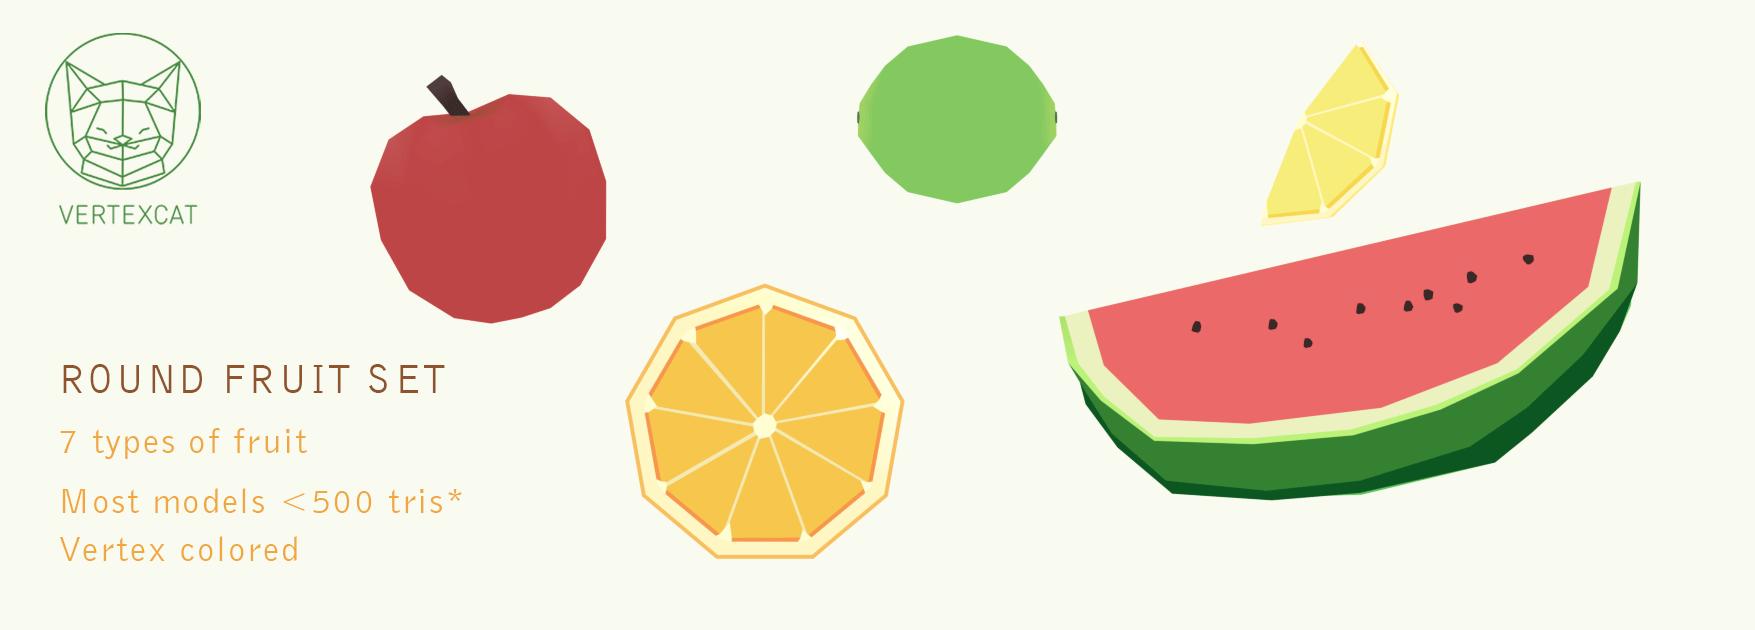 Round fruit set